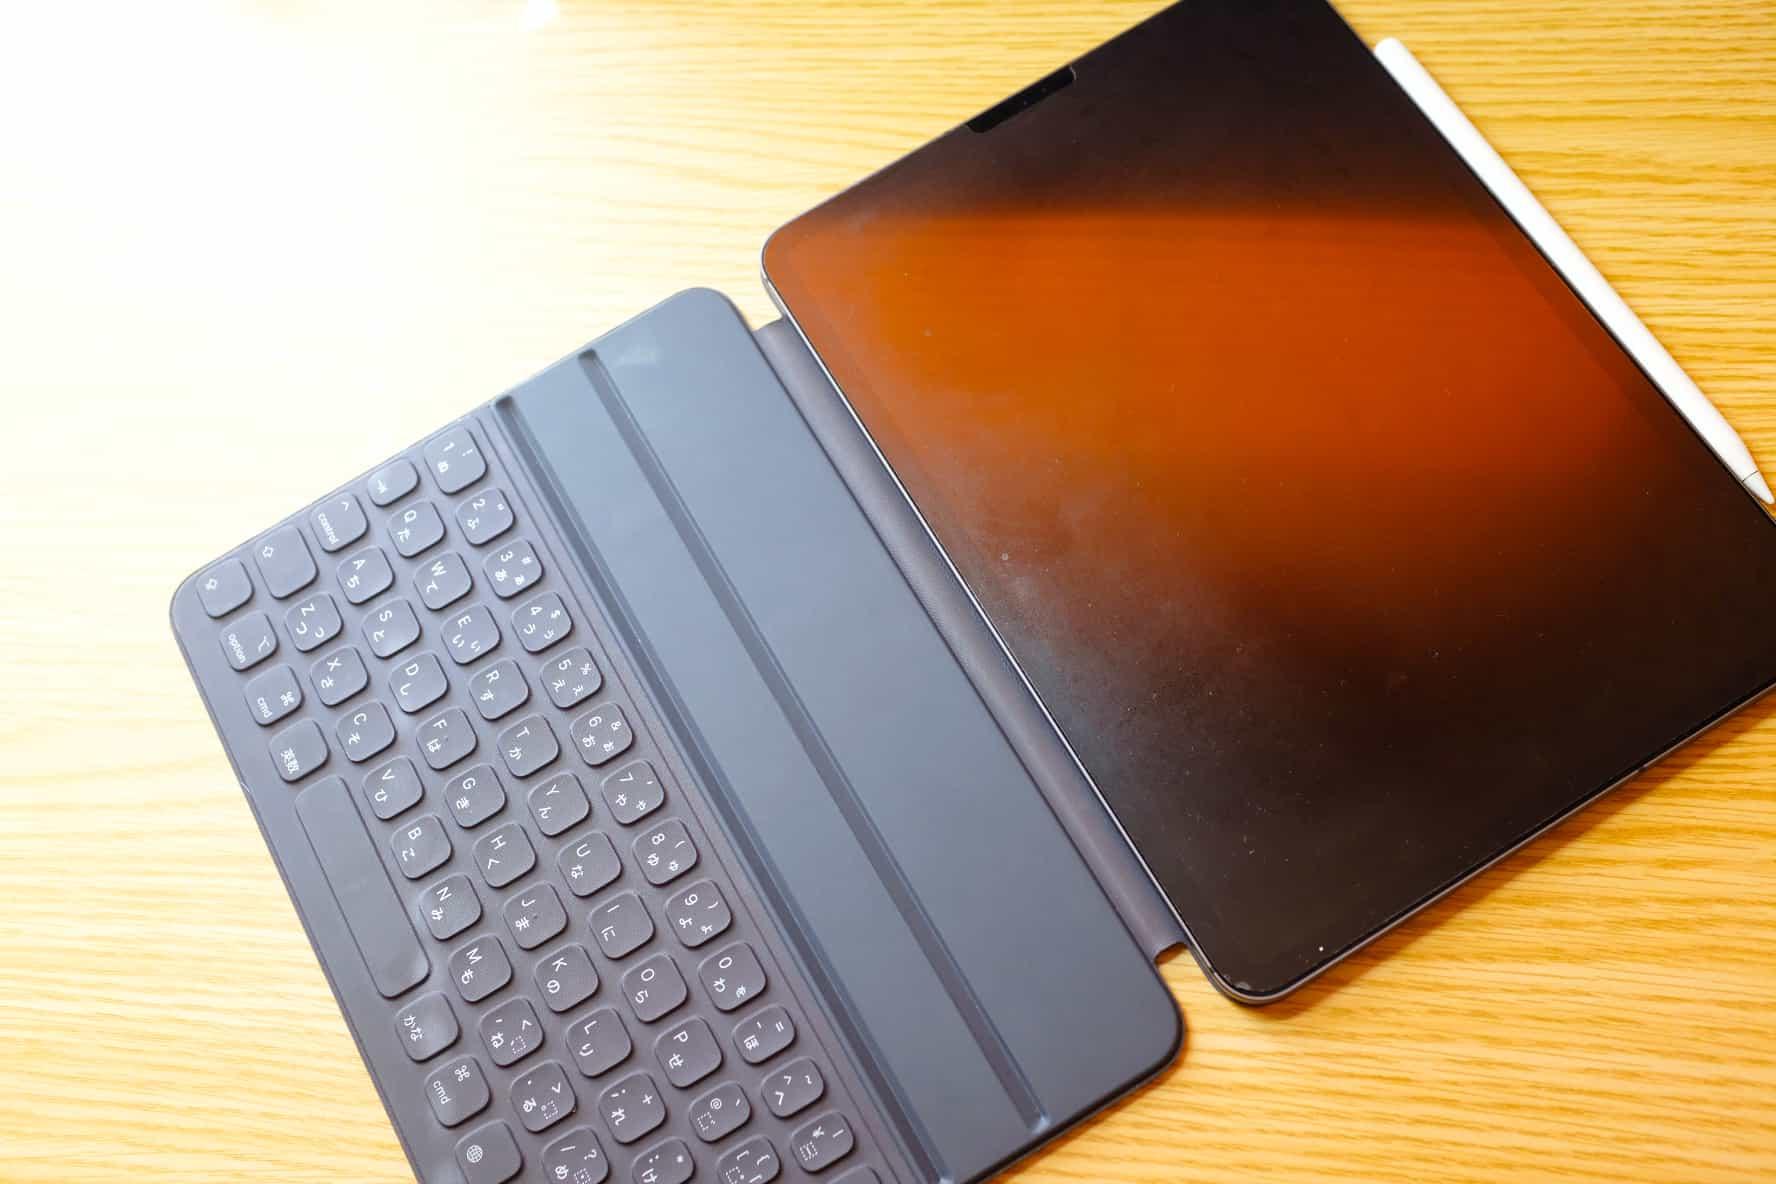 iPadって裸で使ってこそ最強のタブレットなんじゃないの?